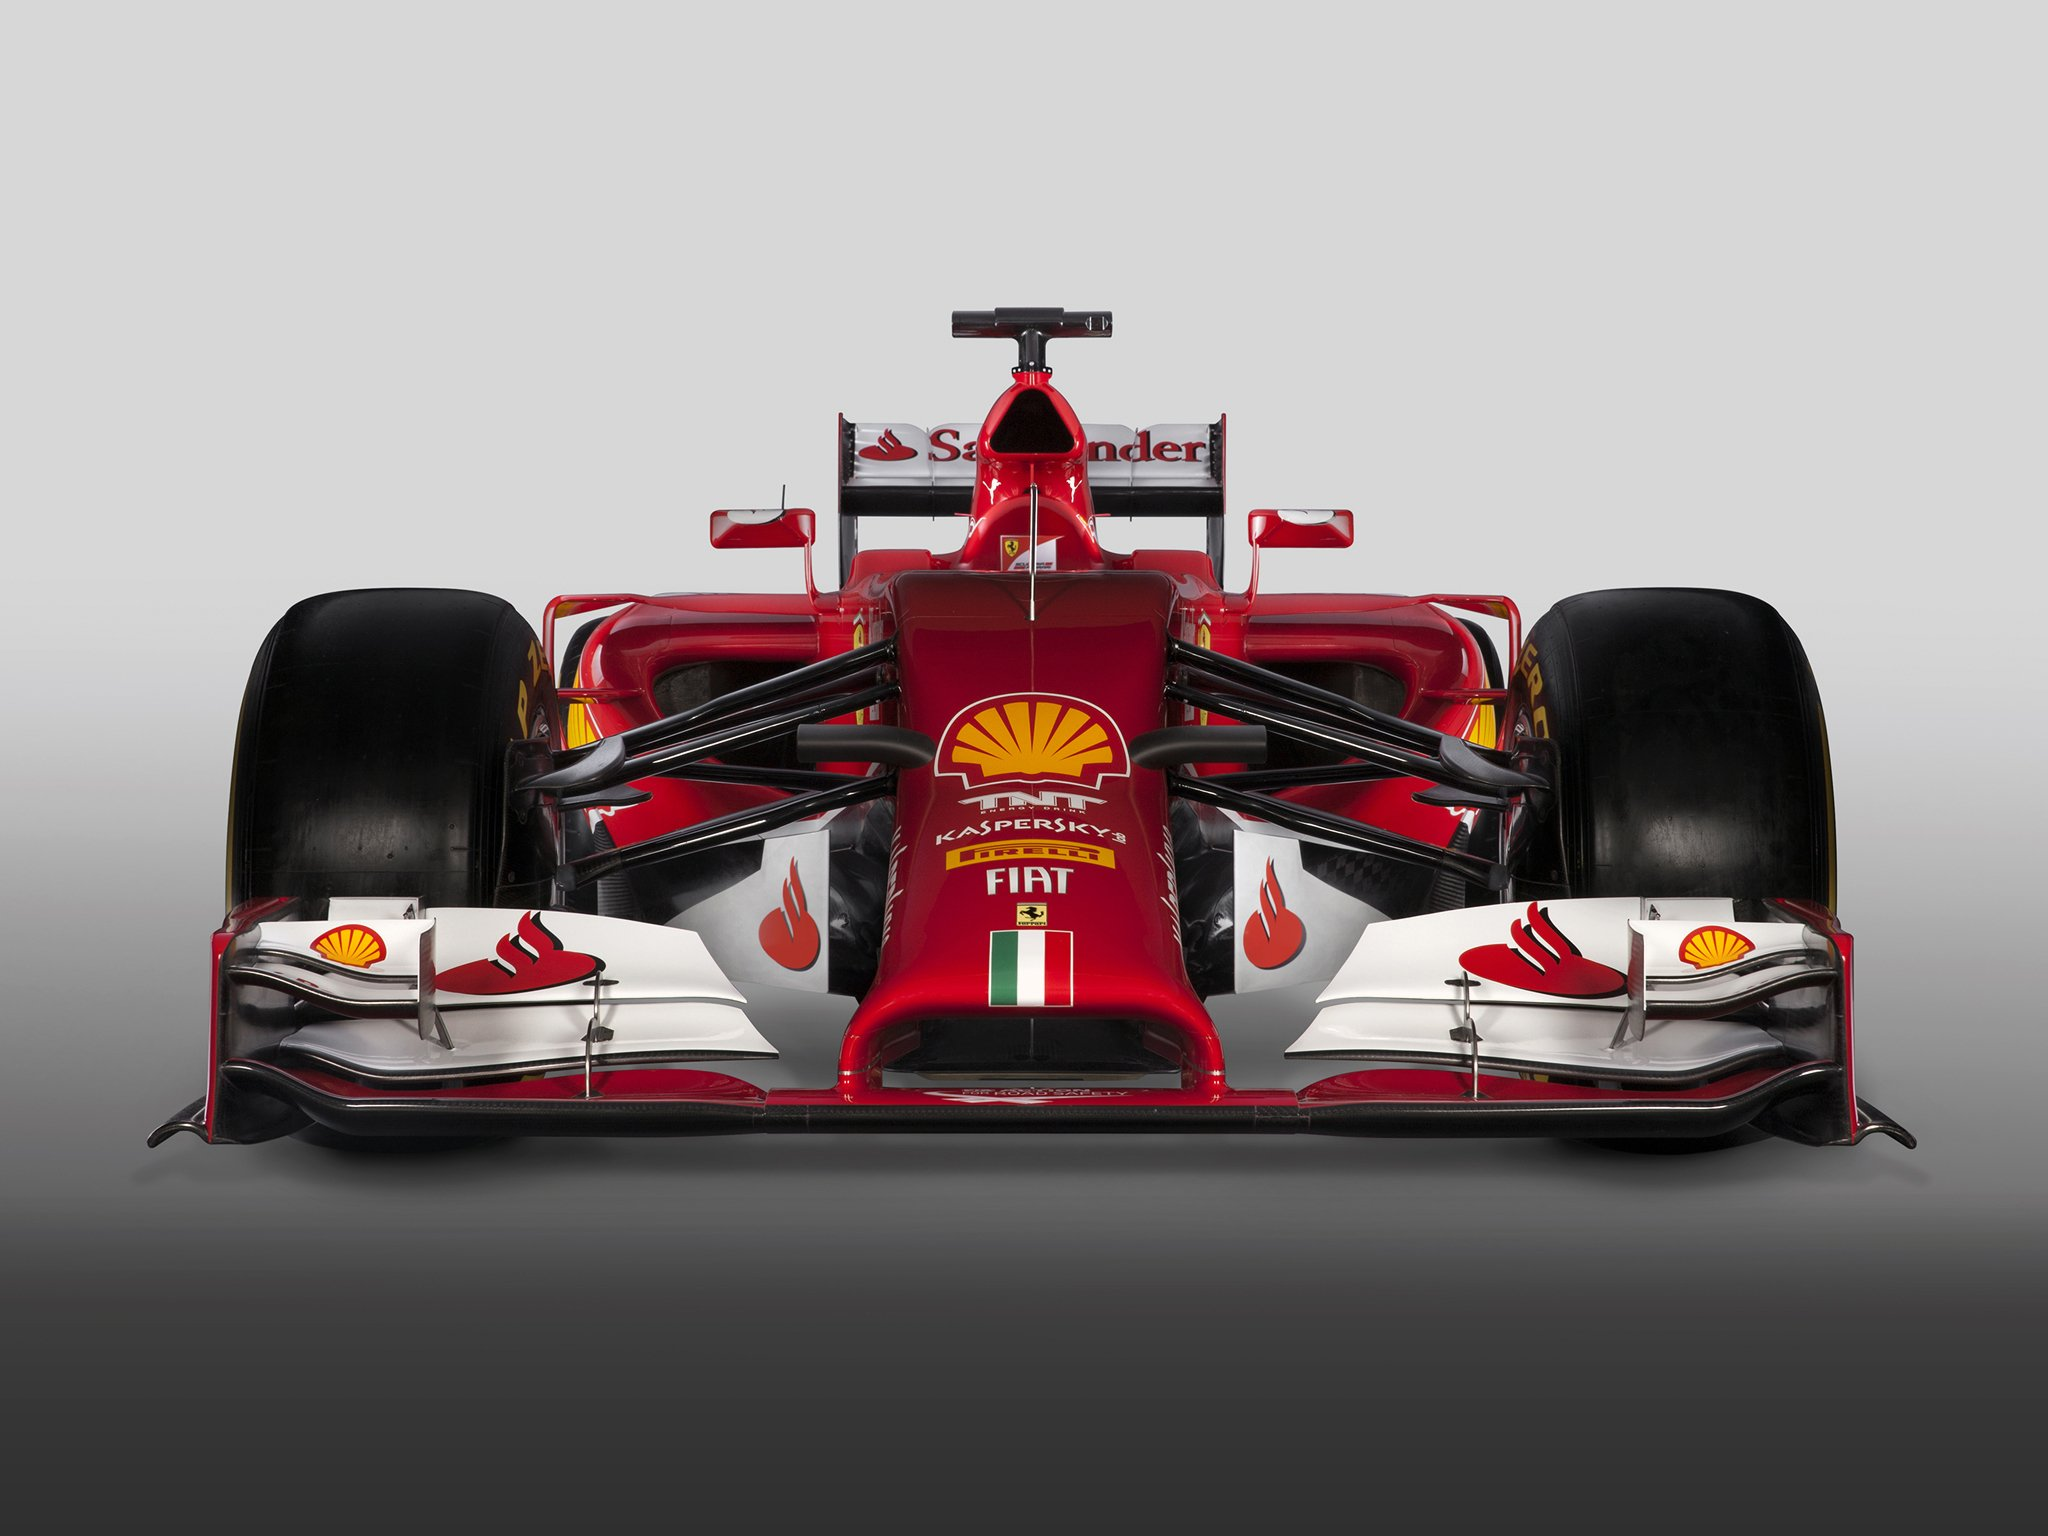 Formel 1 a - Formel 1 bilder